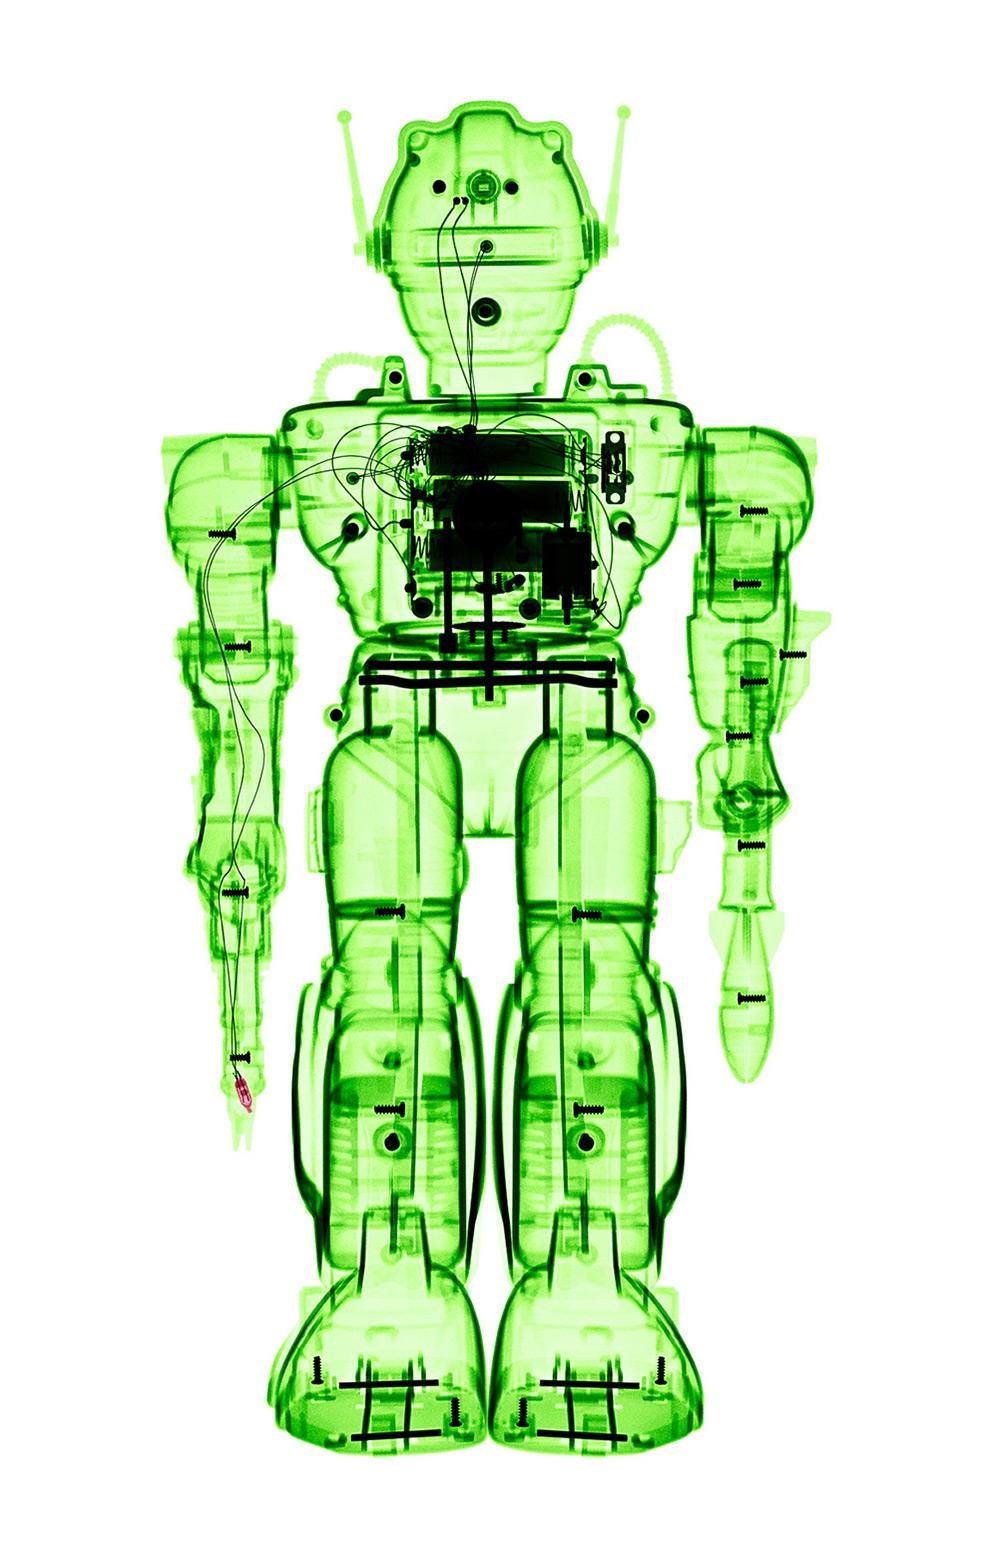 xrays-toys alternopolis (4)